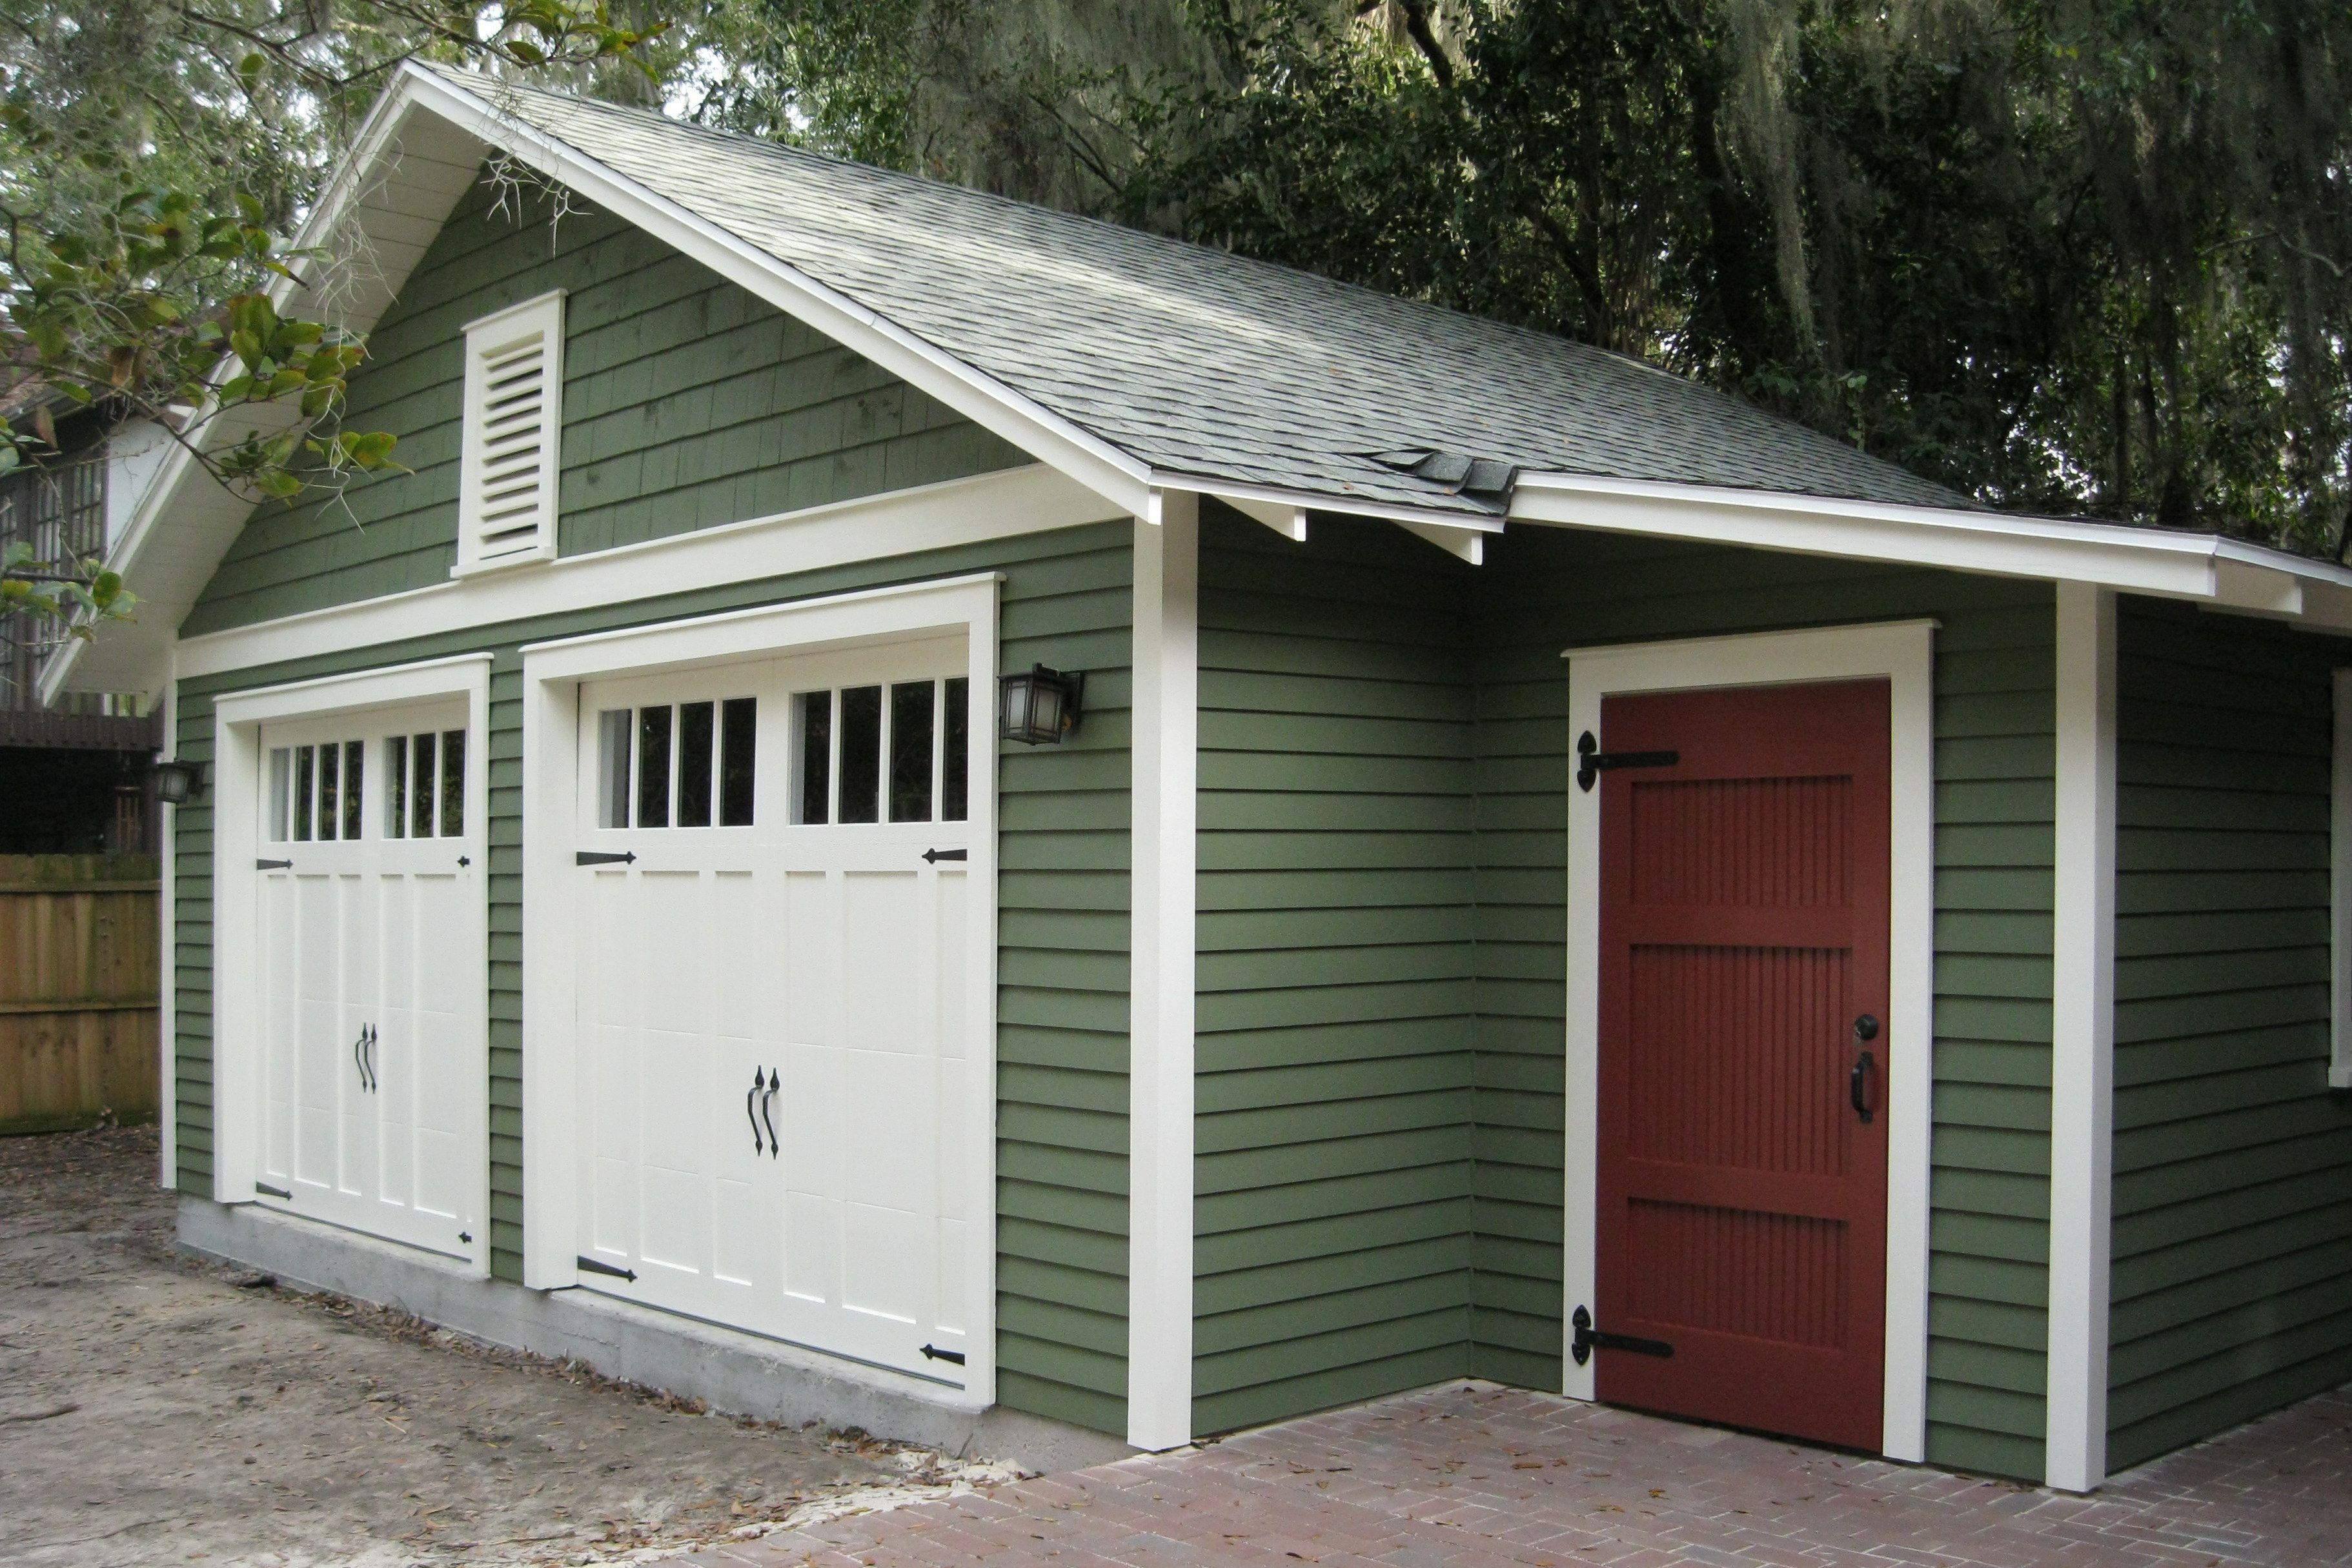 Store Historic Shed Garage Door Design Car Garage Craftsman Style House Plans